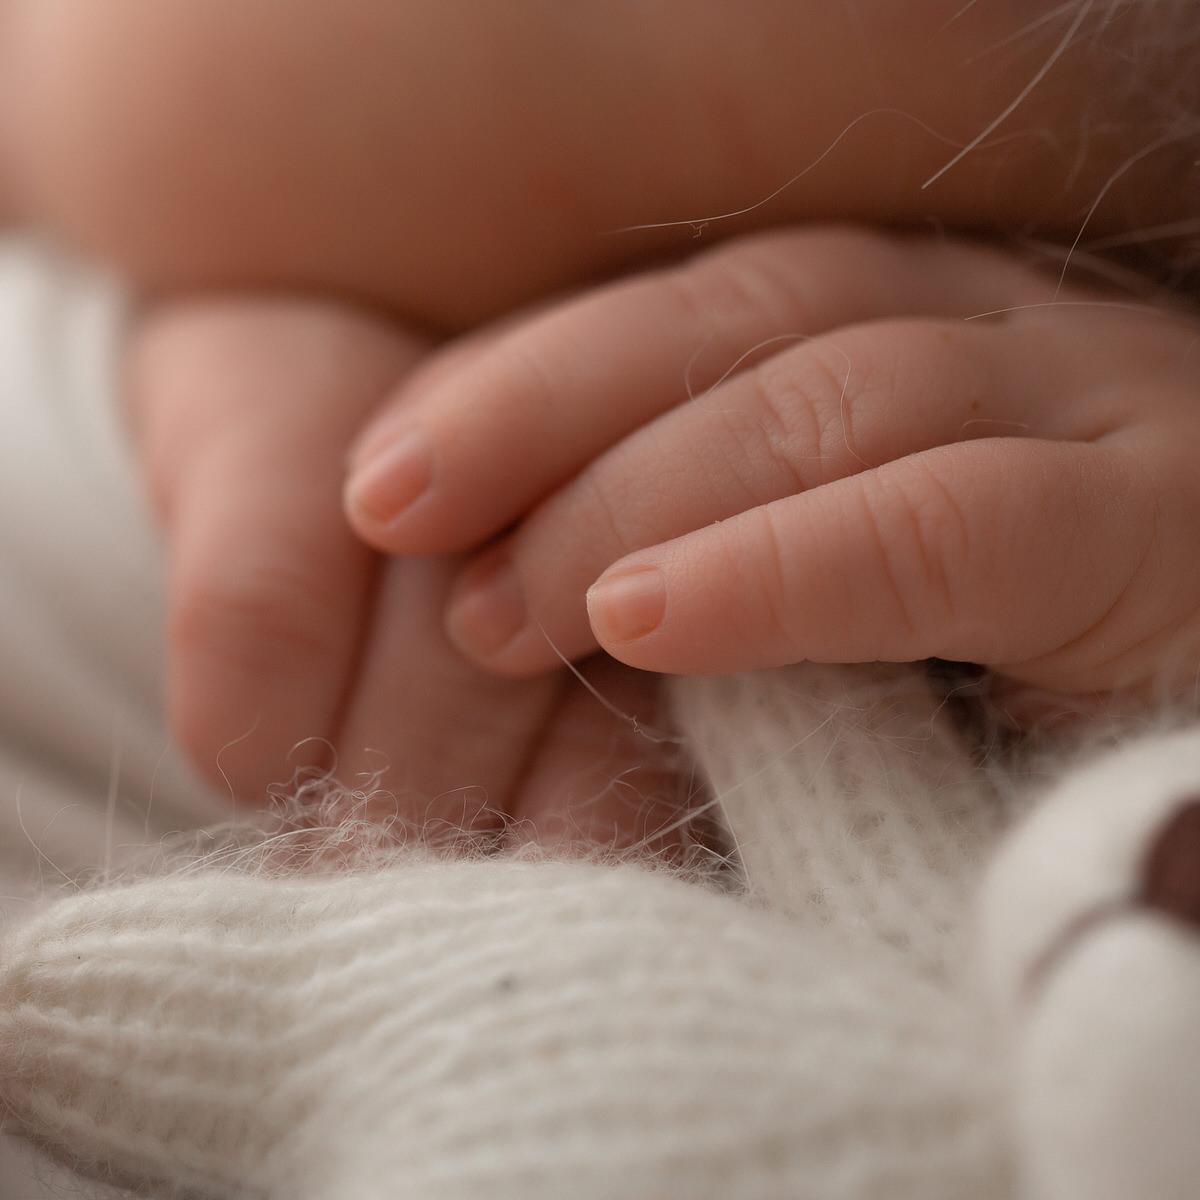 Babyfotos Fabio